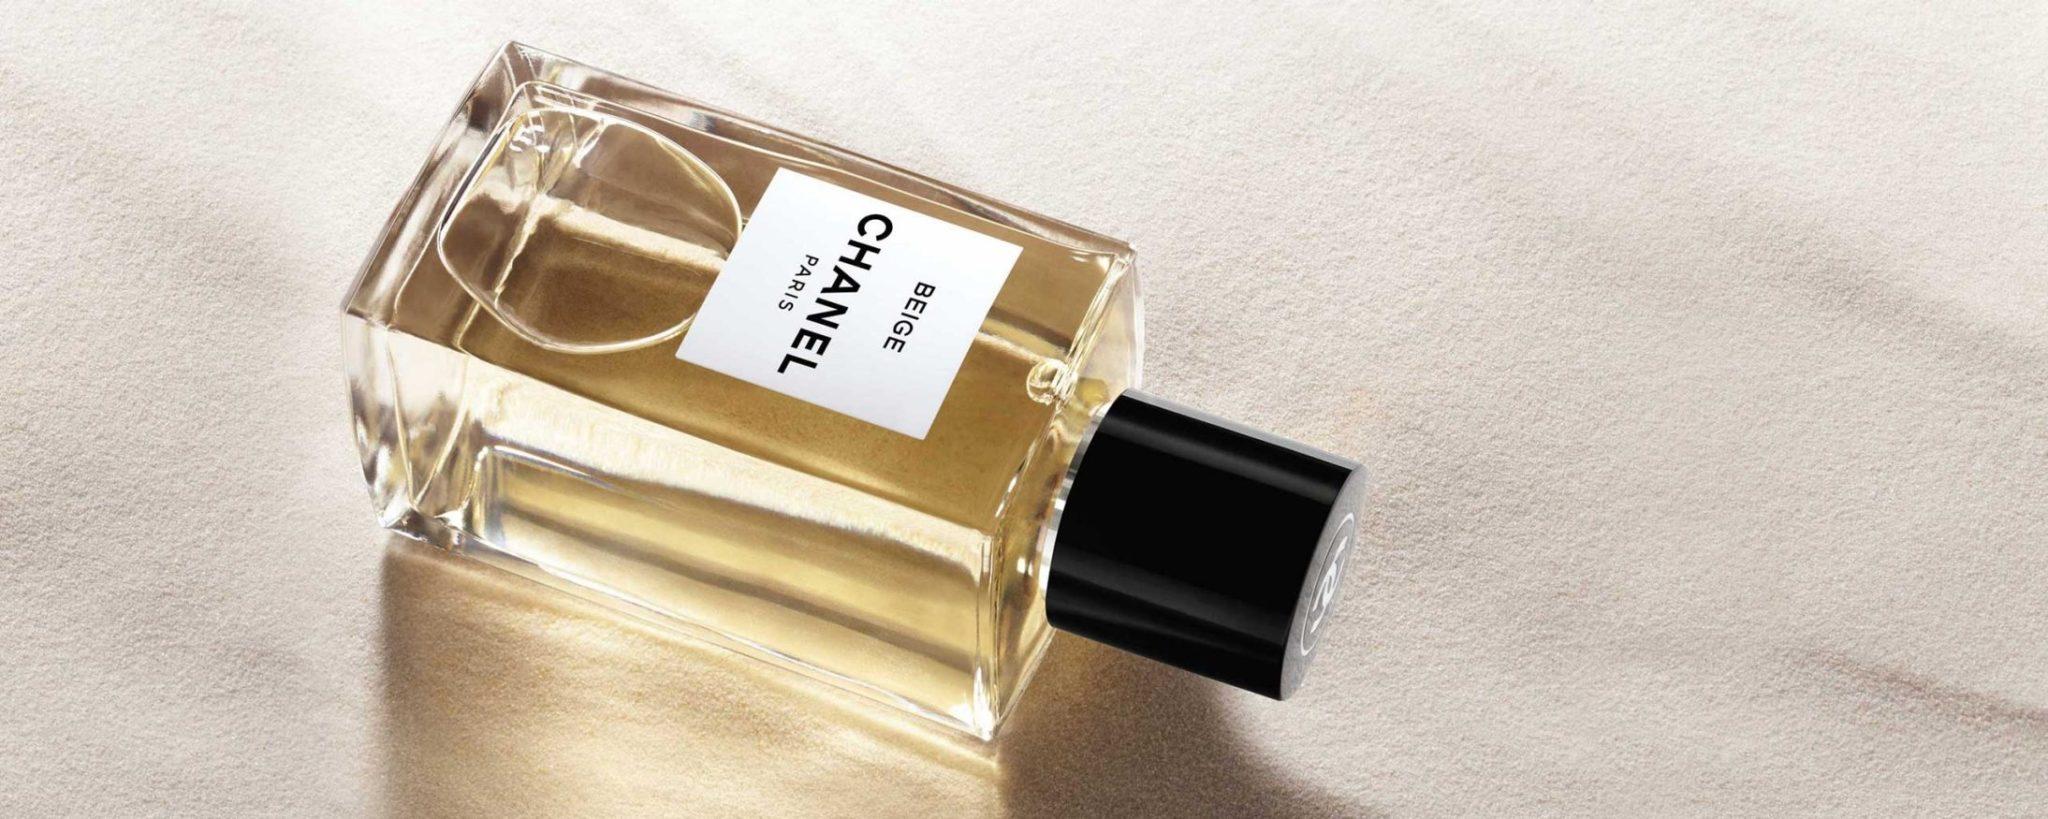 Chanel Les Exclusifs Beige eau de parfum Esprit de Gabrielle jeronimodiparigi-dev-esprit-de-gabrielle.pf1.wpserveur.net